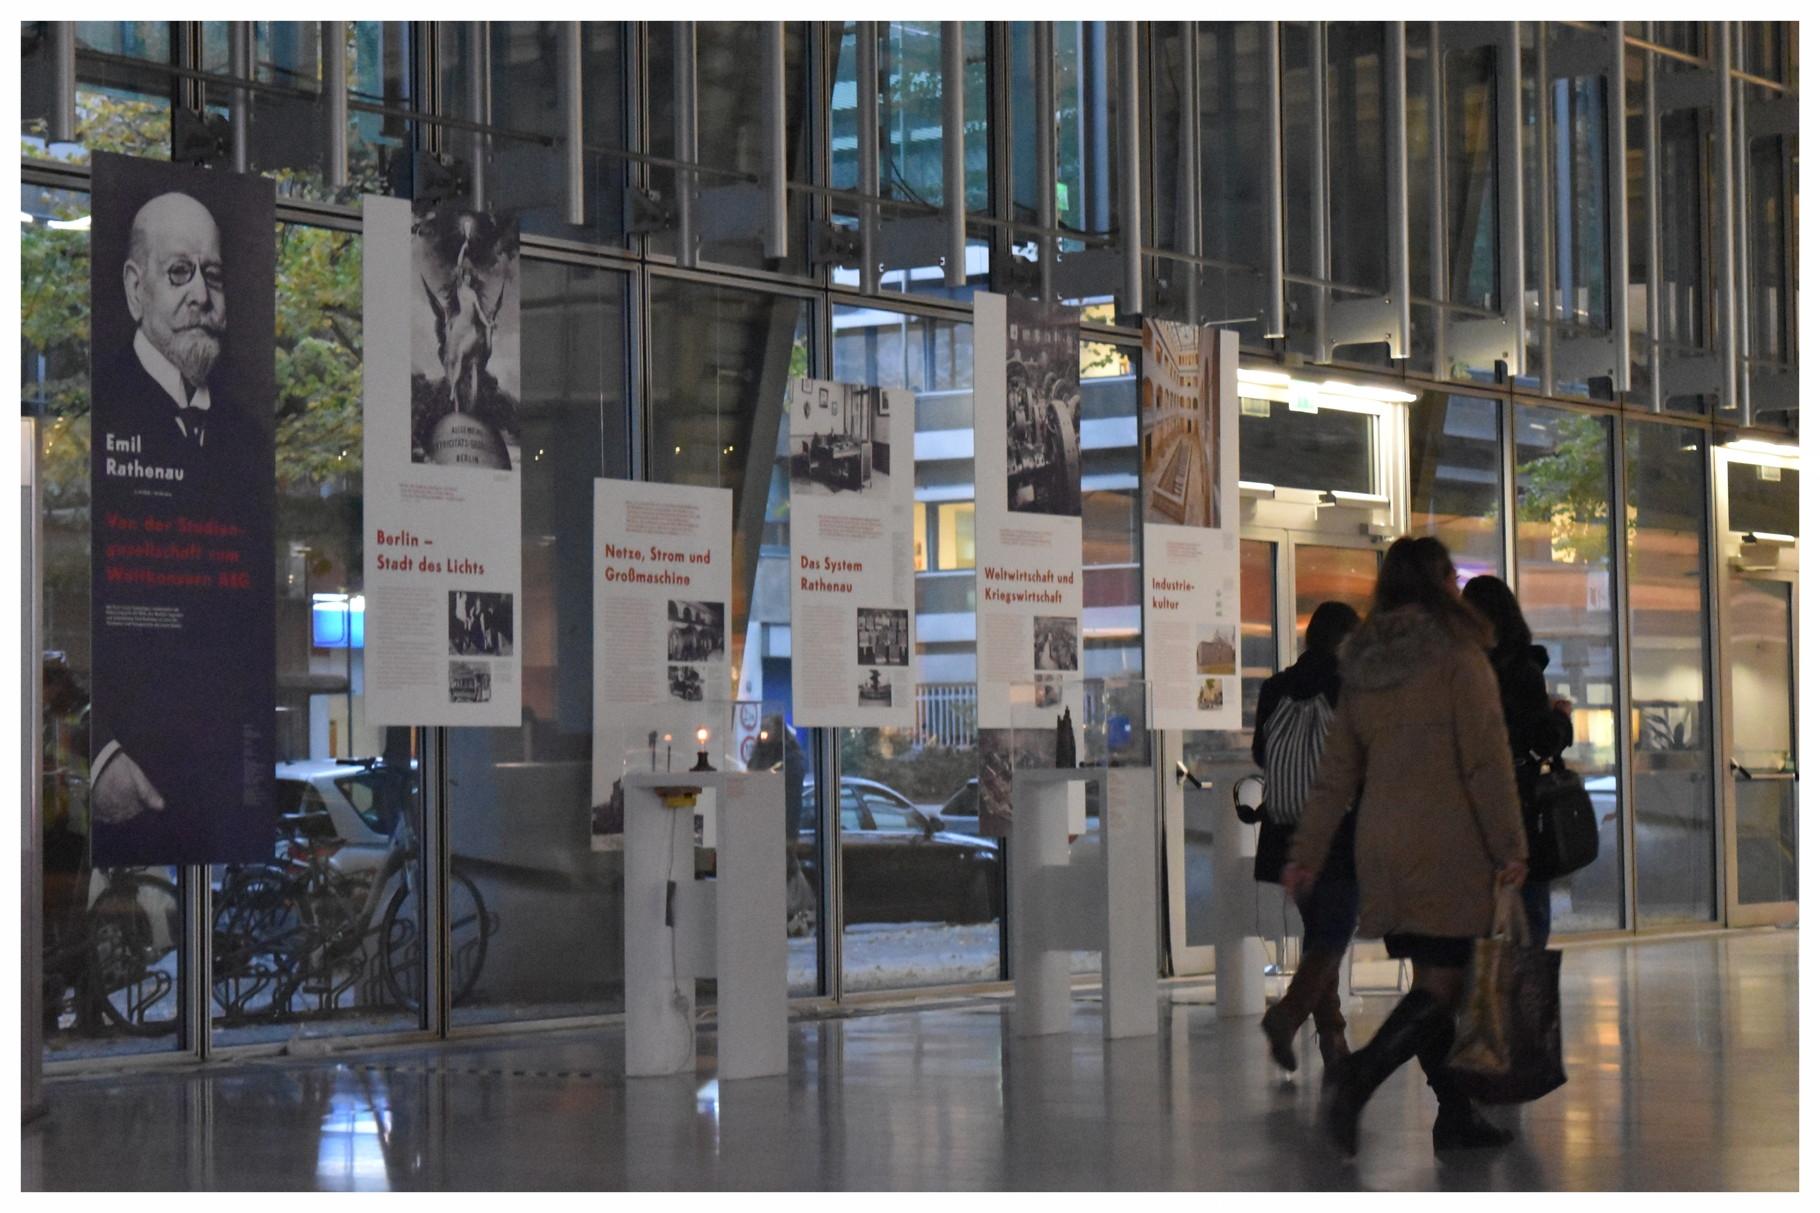 Emil-Rathenau-Ausstellung